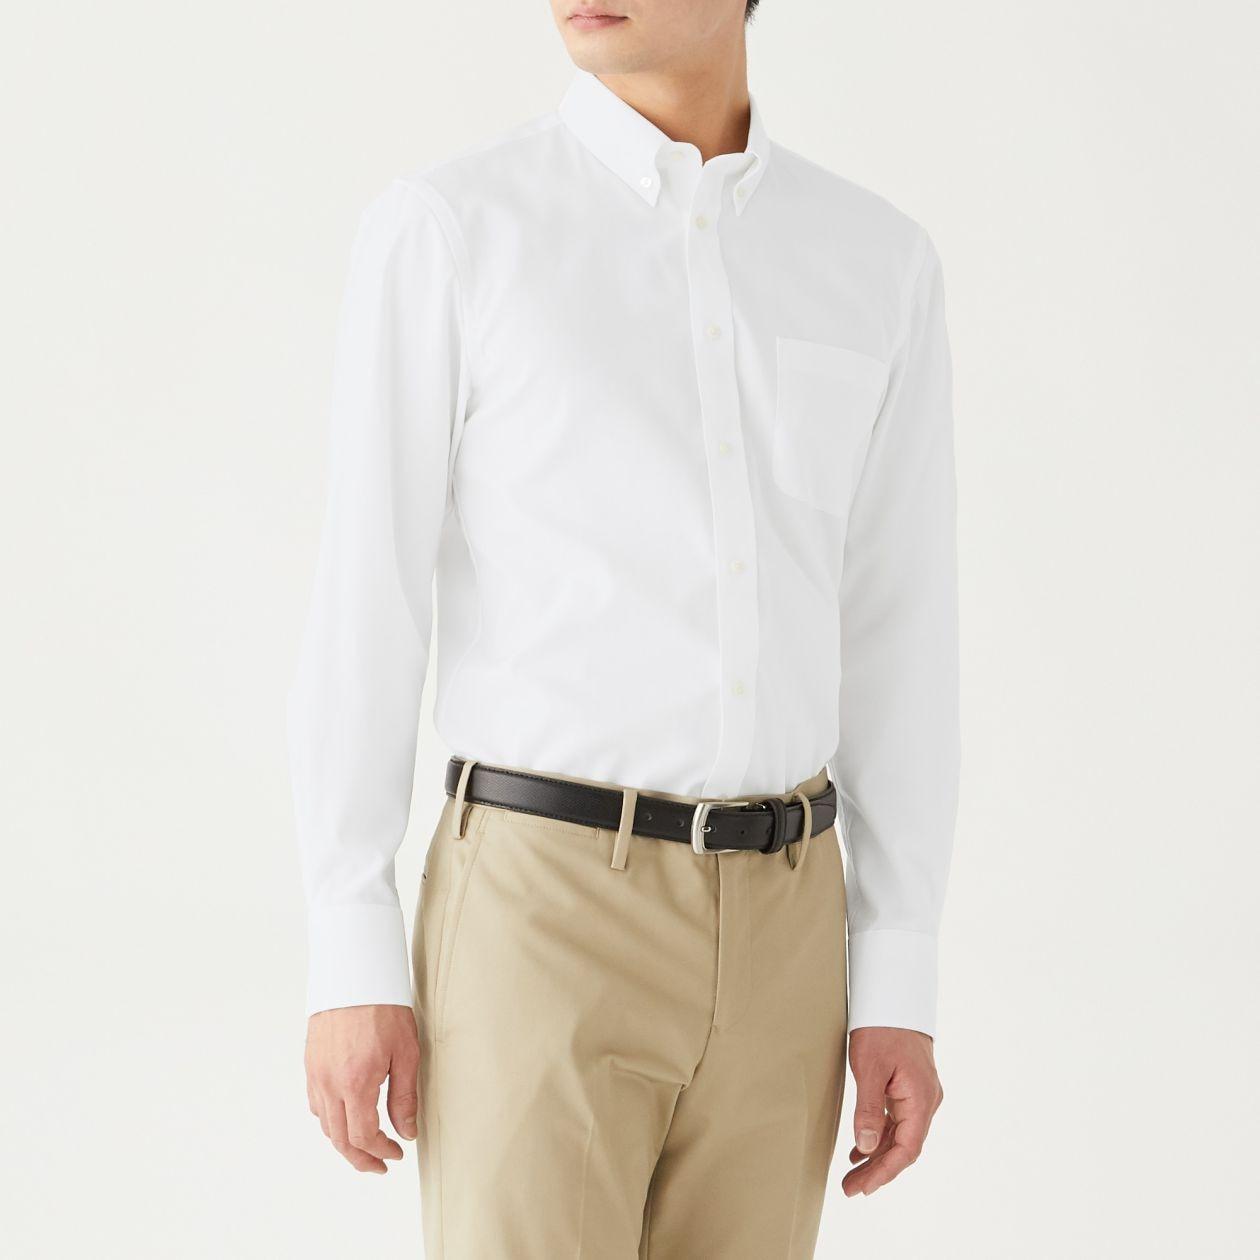 新疆綿ストレッチ形態安定オックスボタンダウンシャツ